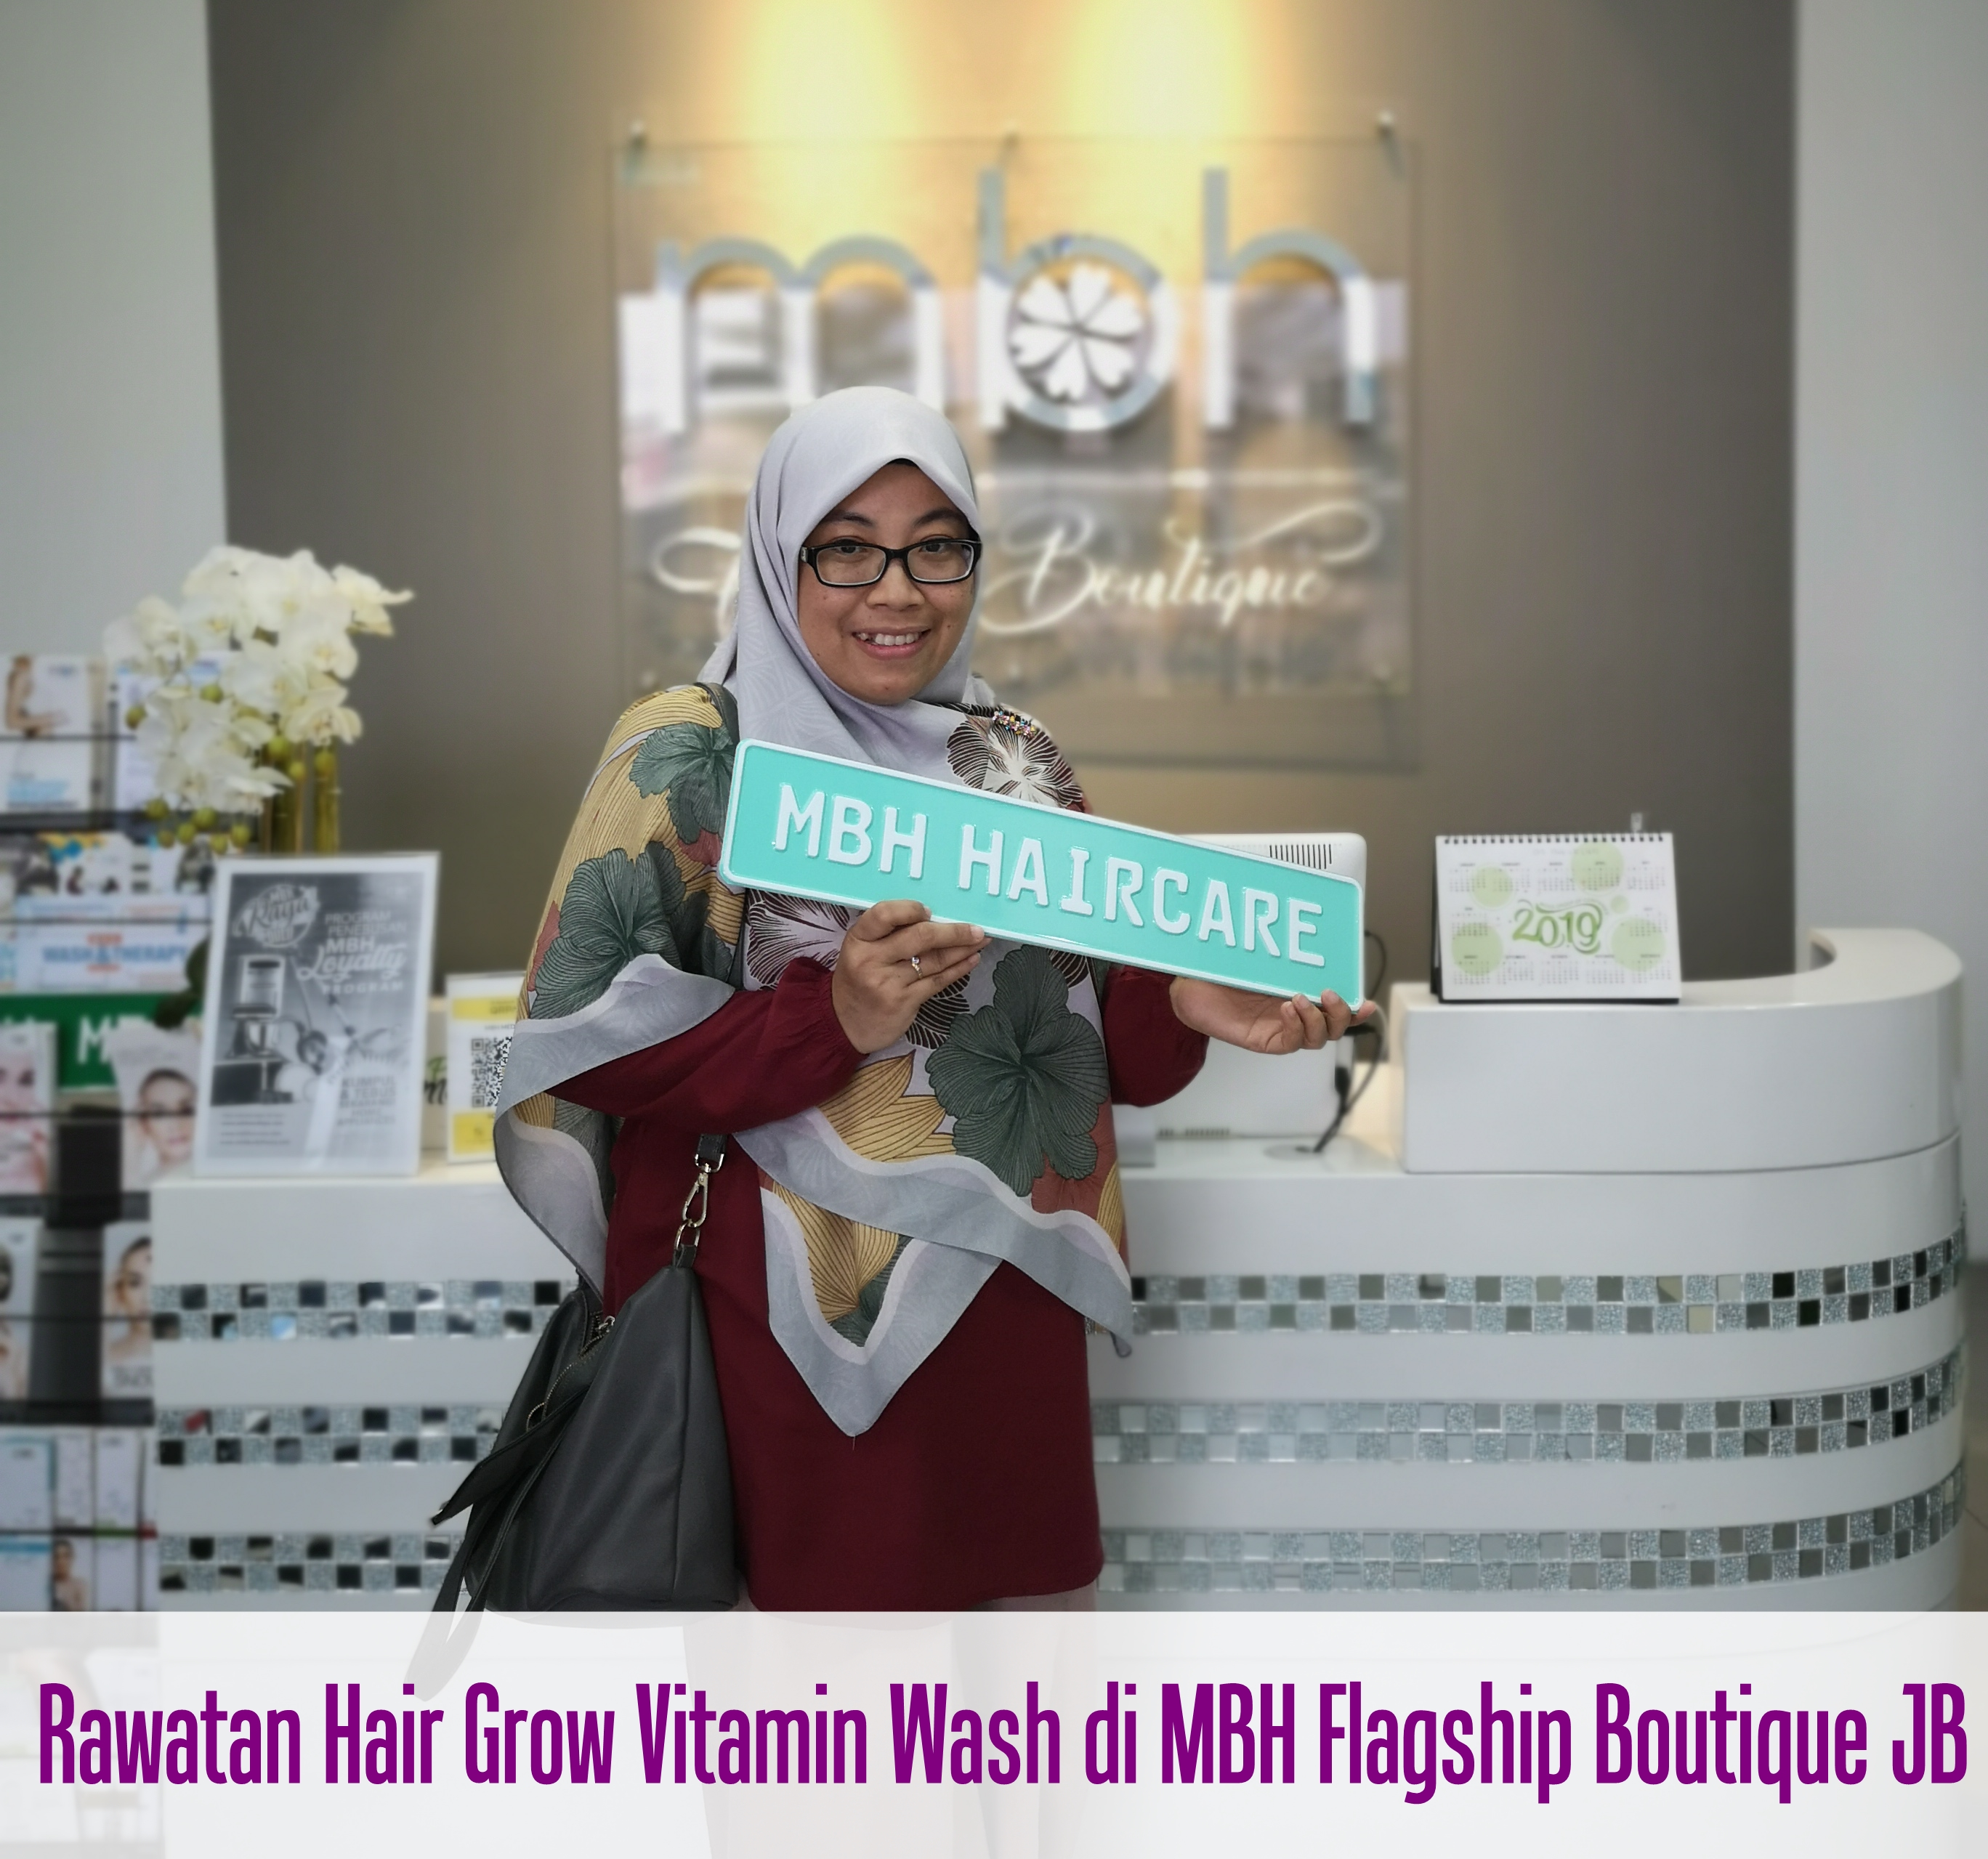 Rawatan Hair Grow Vitamin Wash di MBH Flagship Boutique Johor Bahru